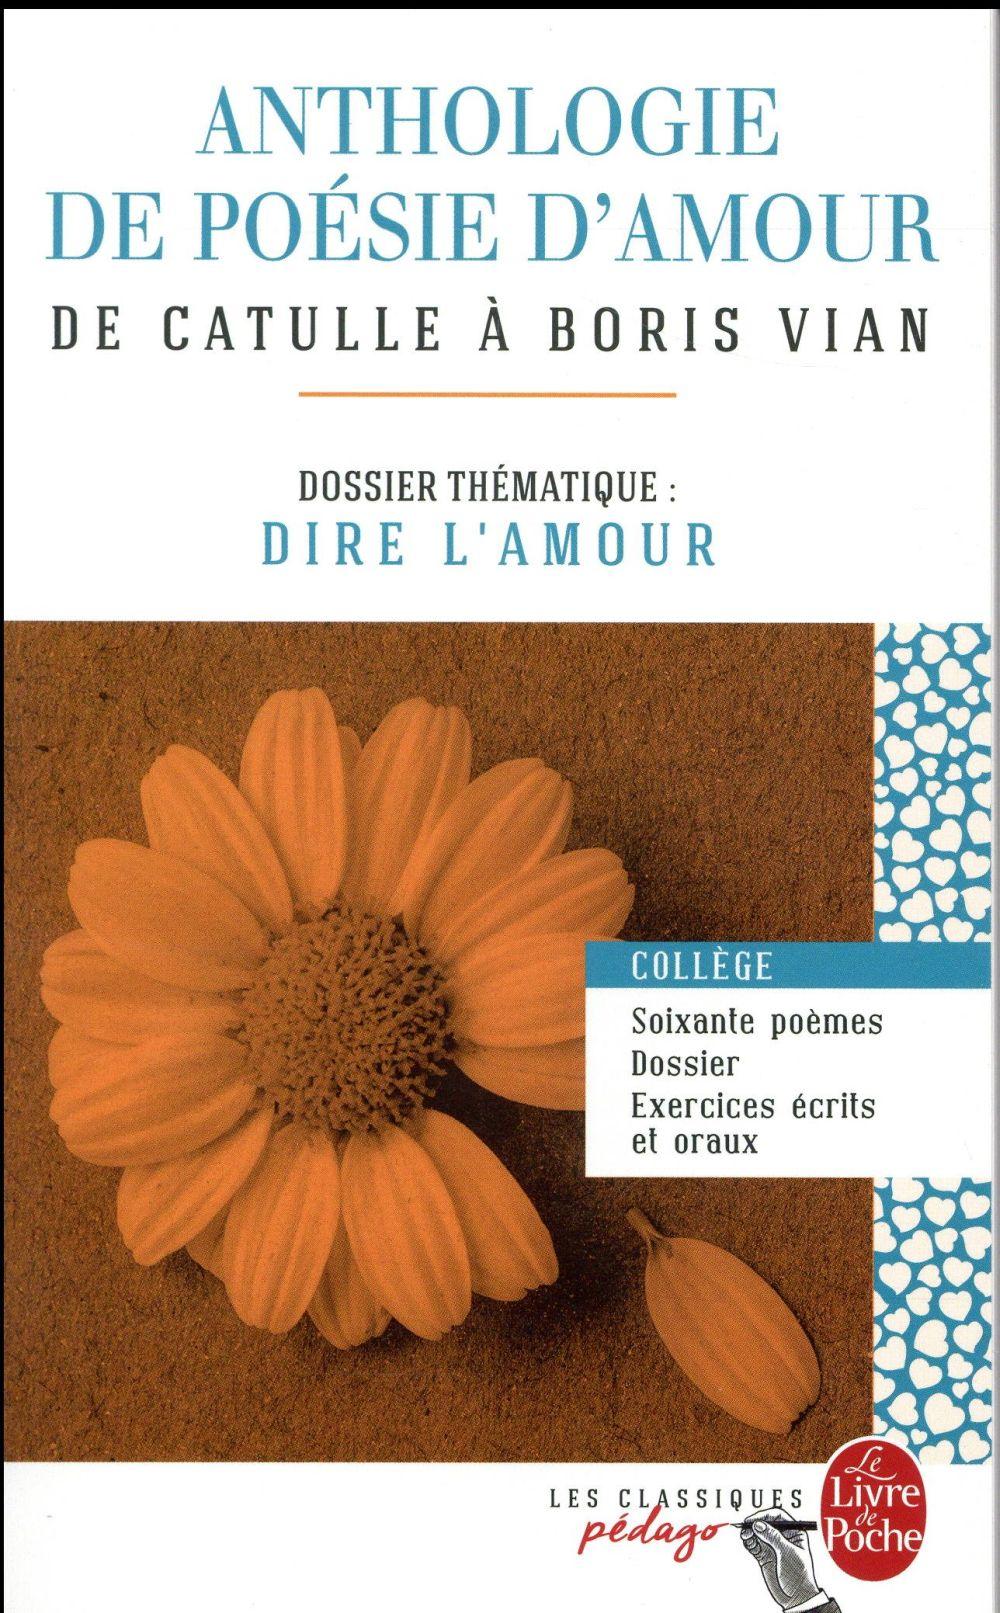 Anthologie de poésie d'amour ; de Catulle à Boris Vian ; dossier thématique: dire l'amour